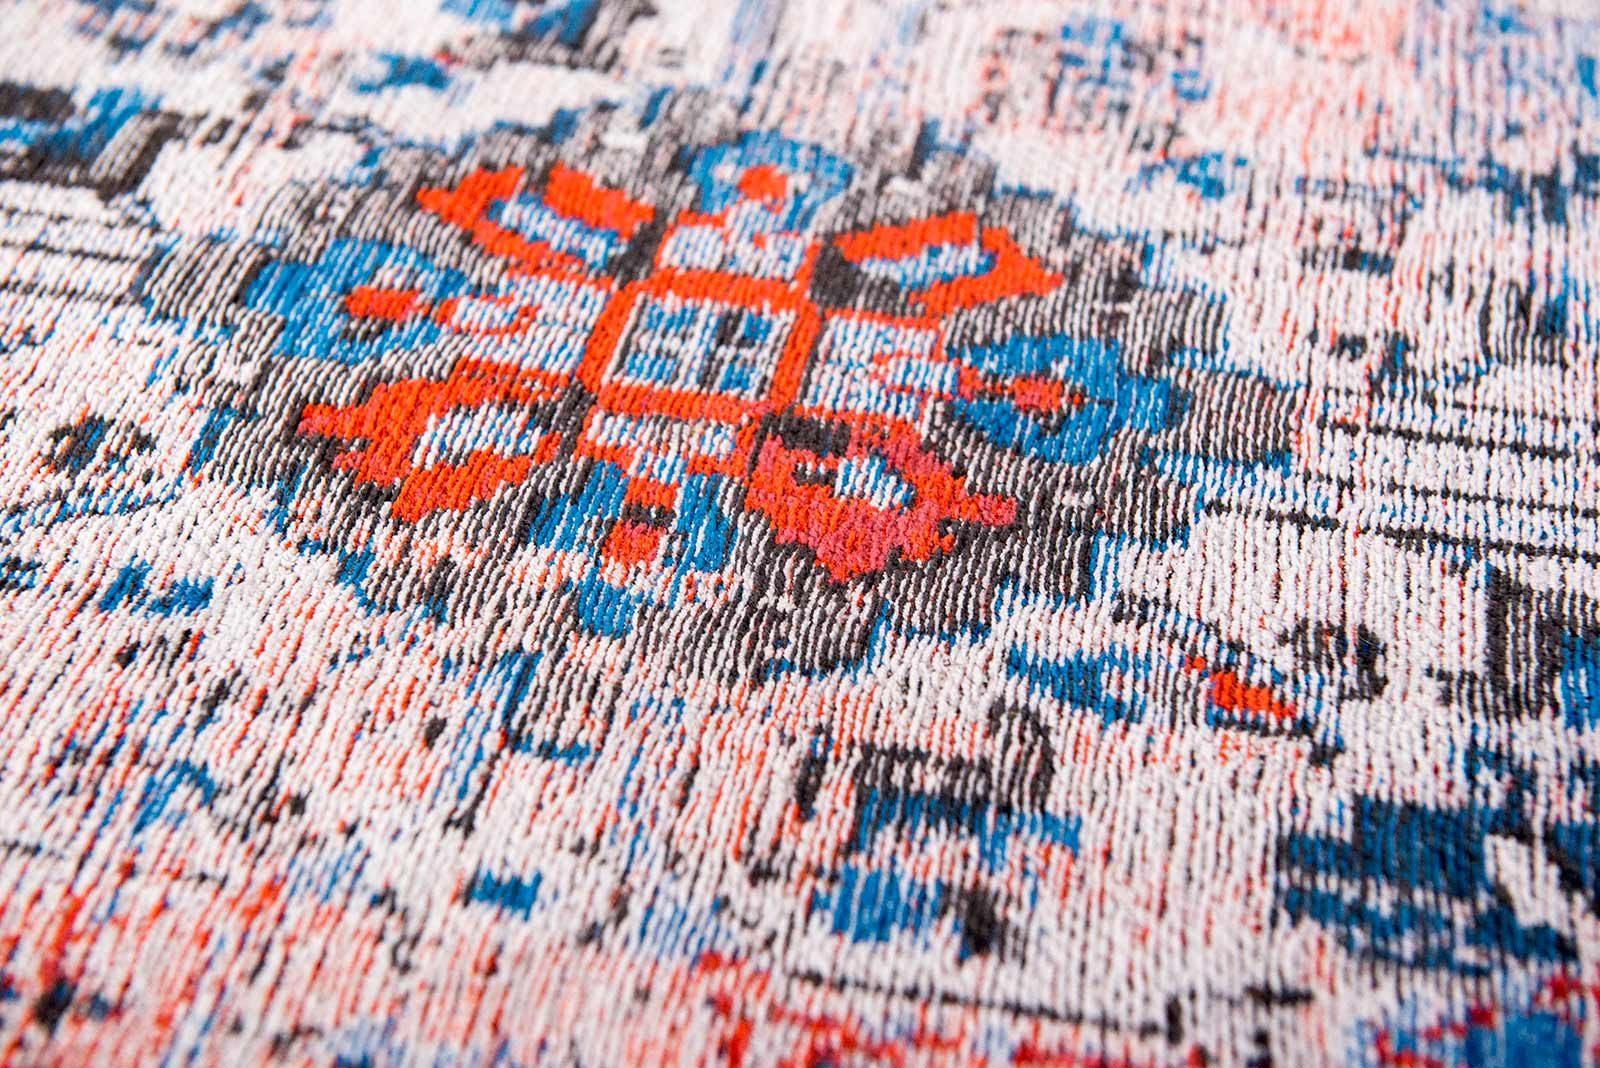 vloerkleed Louis De Poortere LX8703 Antiquarian Antique Heriz Classic Brick zoom 2